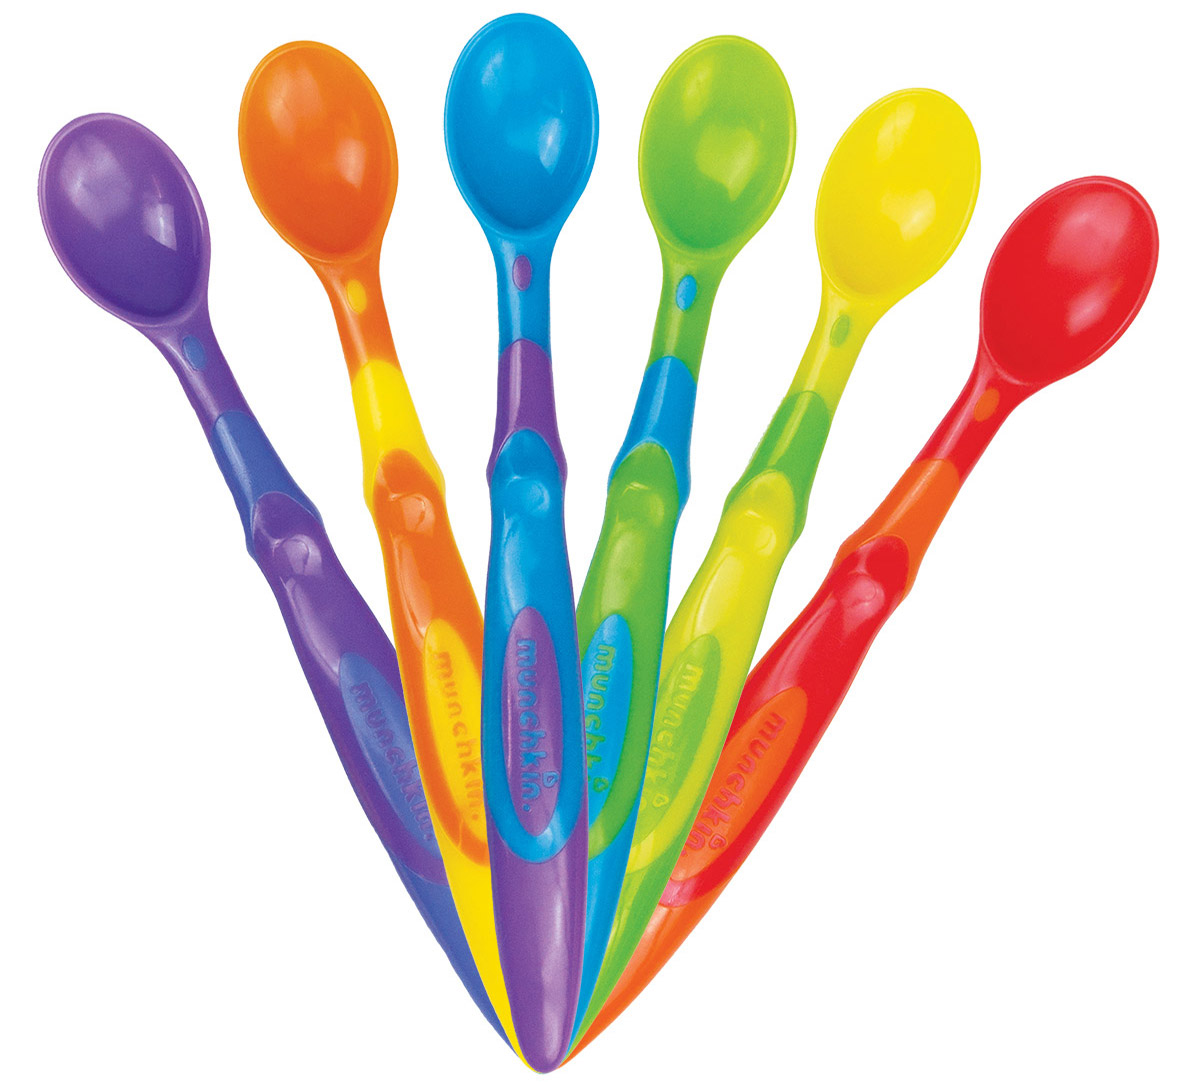 Munchkin Набор пластиковых ложек 6 шт11003Набор Munchkin включает в себя шесть детских ложечек разных цветов. Ложечки изготовлены из безопасного пластика, не содержащего Бисфенол-А. Закругленные края ложечек мягко прикасаются к деснам малыша, не раня их. Удобная длинная ручка позволит достать до дна даже глубокой посуды. Кредо Munchkin, американской компании с 20-летней историей: избавить мир от надоевших и прозаических товаров, искать умные инновационные решения, которые превращает обыденные задачи в опыт, приносящий удовольствие. Понимая, что наибольшее значение в быту имеют именно мелочи, компания создает уникальные товары, которые помогают поддерживать порядок, организовывать пространство, облегчают уход за детьми - недаром компания имеет уже более 140 патентов и изобретений, используемых в создании ее неповторимой и оригинальной продукции. Munchkin делает жизнь родителей легче!